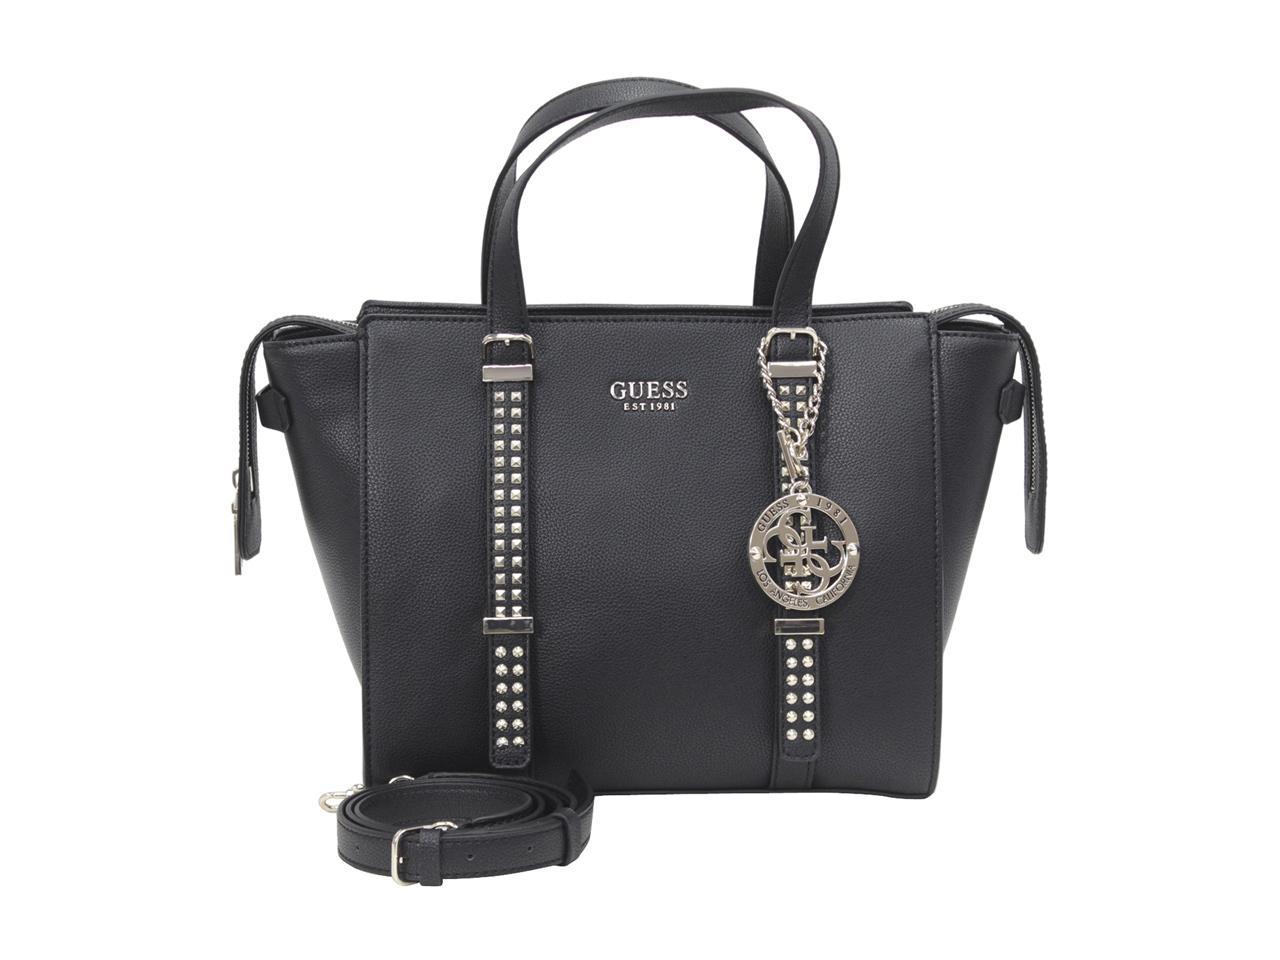 Details about Guess Women's Eileen Studded Satchel Handbag